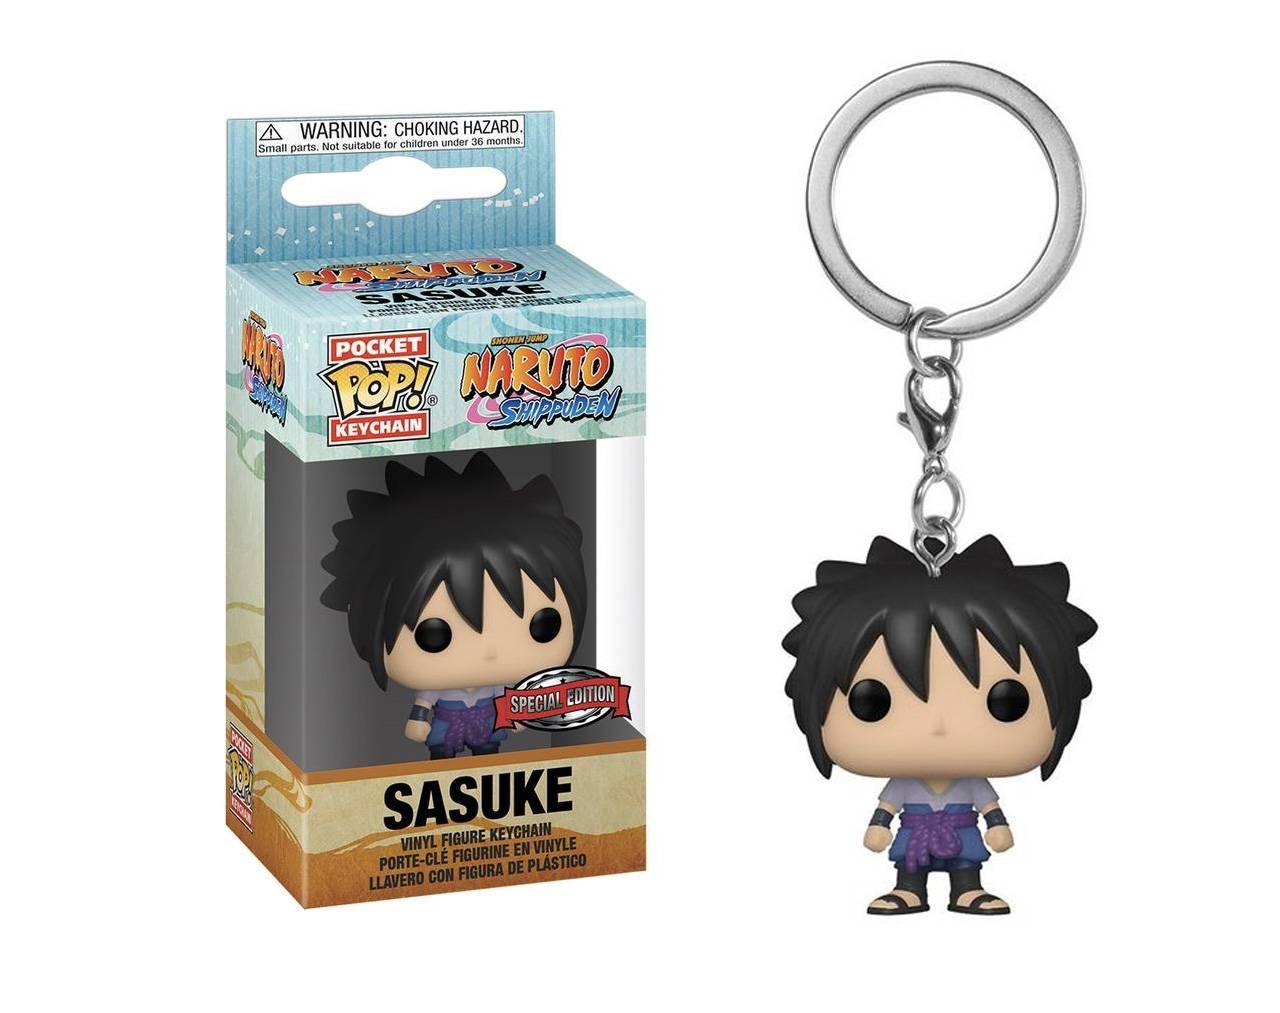 Sasuke (Llavero) Pop! Vinyl